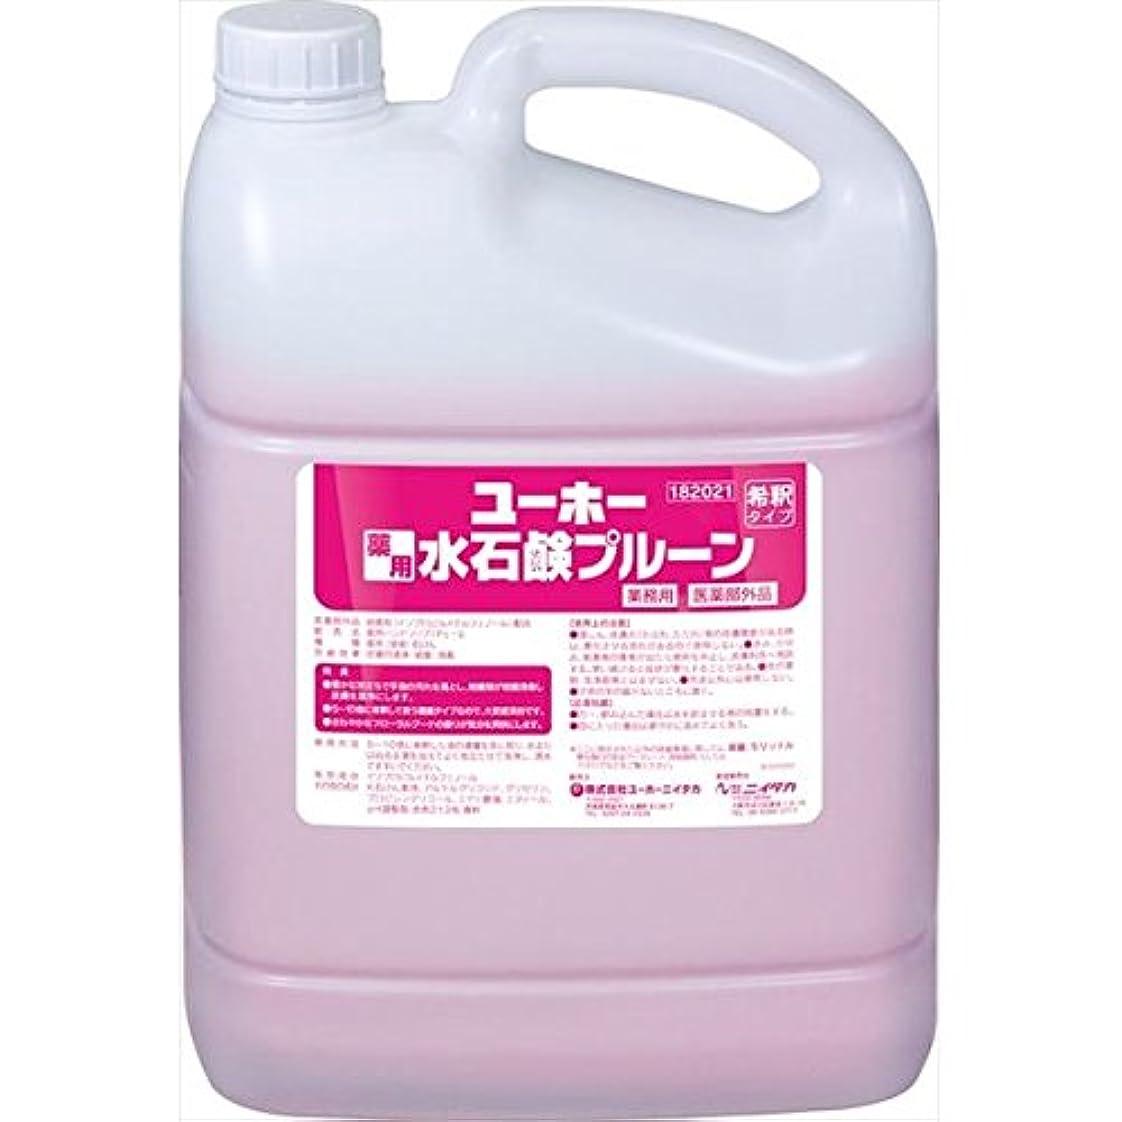 ディスカウント警戒メタンユーホーニイタカ:薬用水石鹸プルーン 5L×2 181021